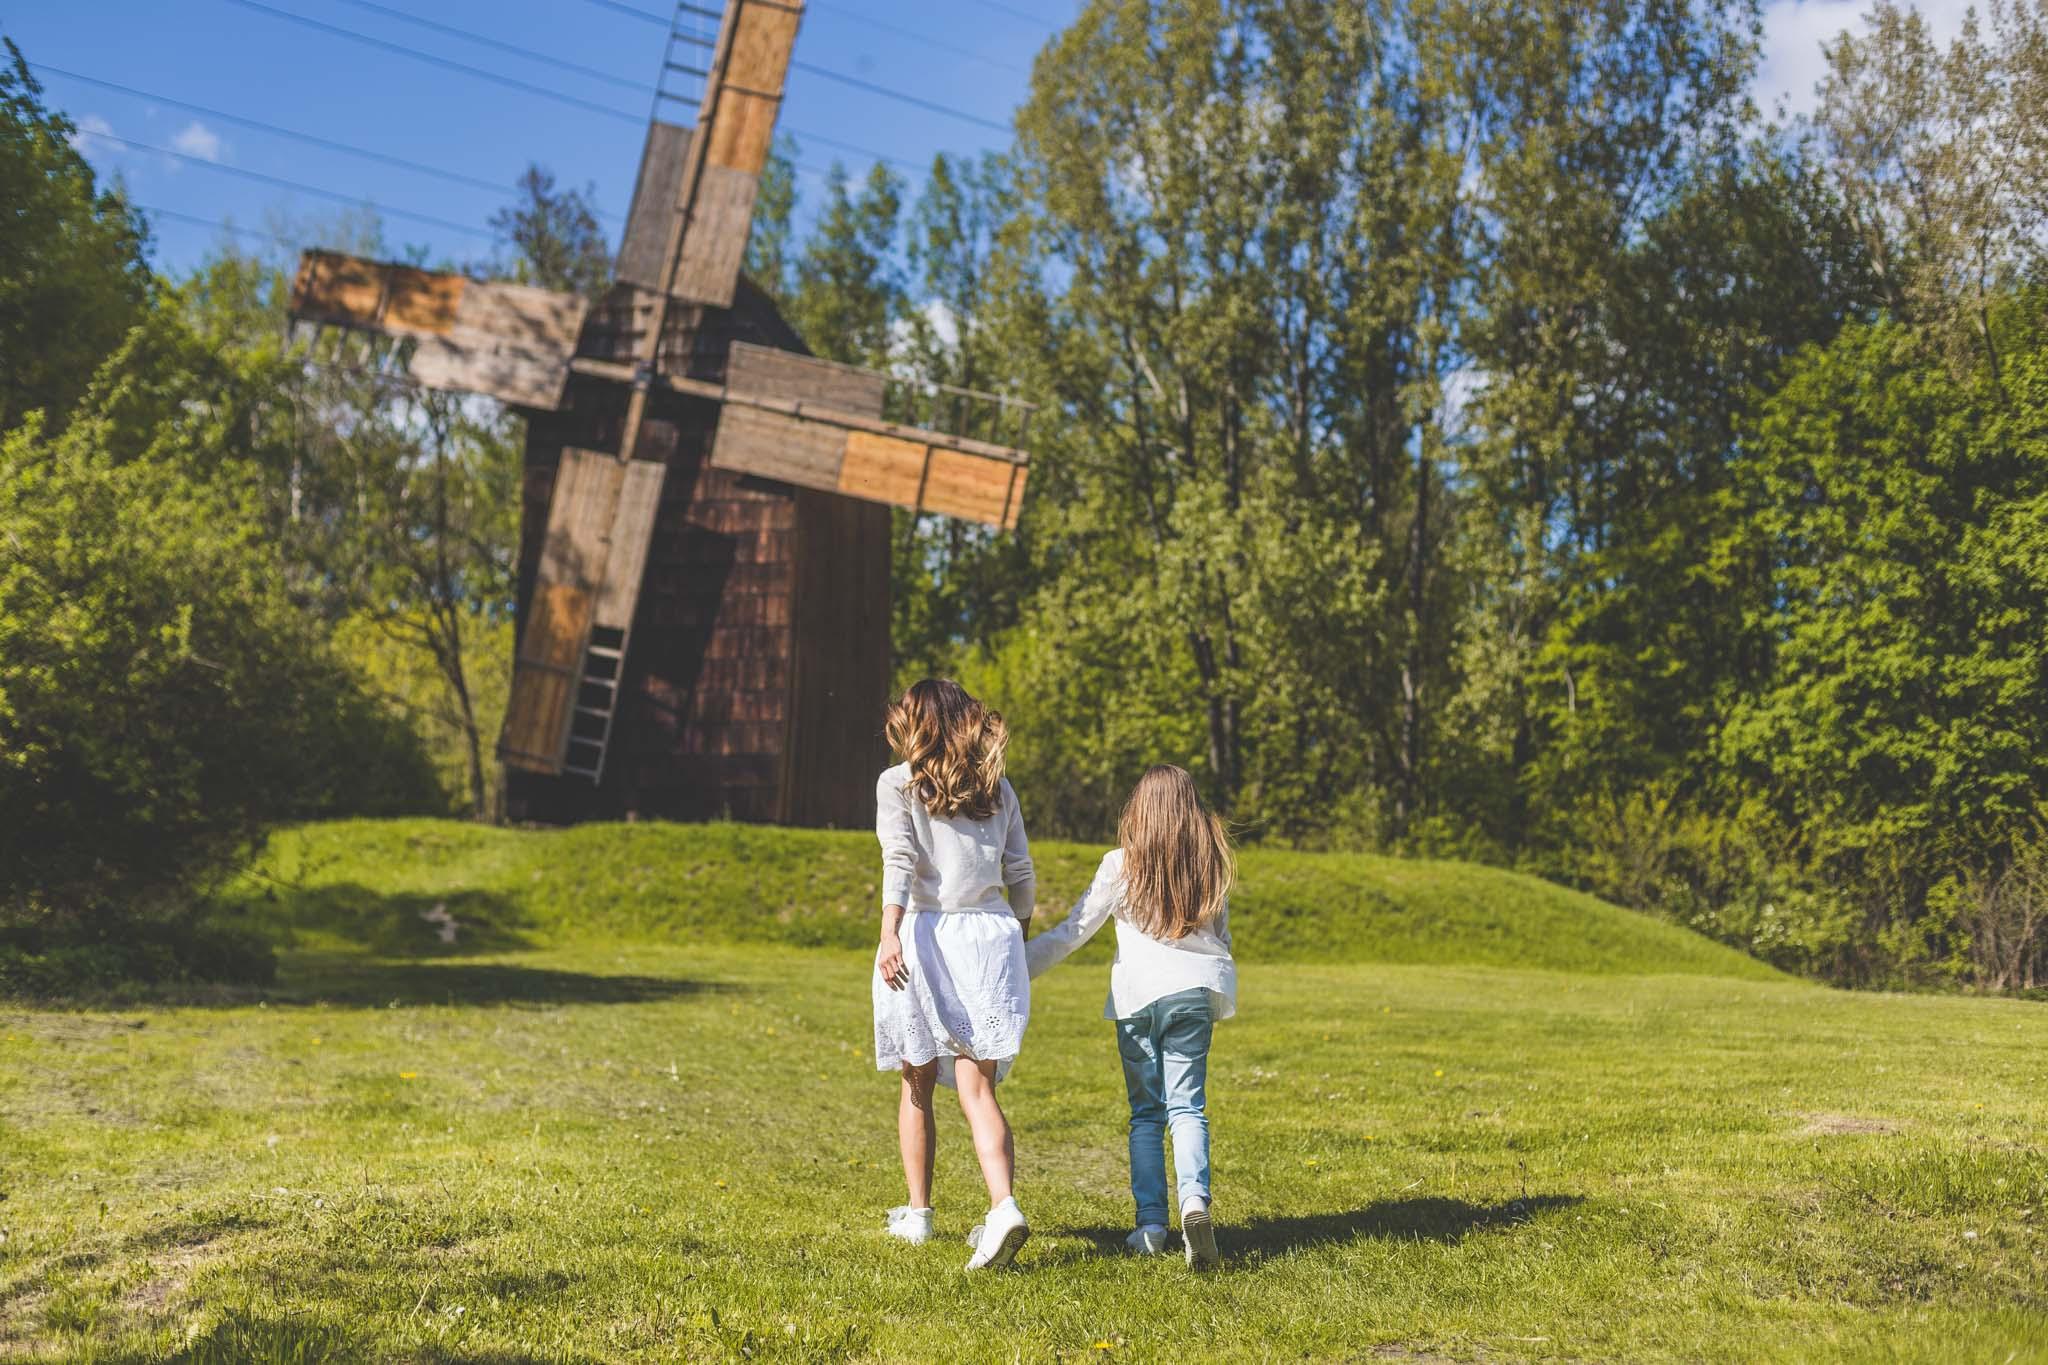 07_05_16_2016_olivkablog-pl_muzeum-wsi-polskiej-14